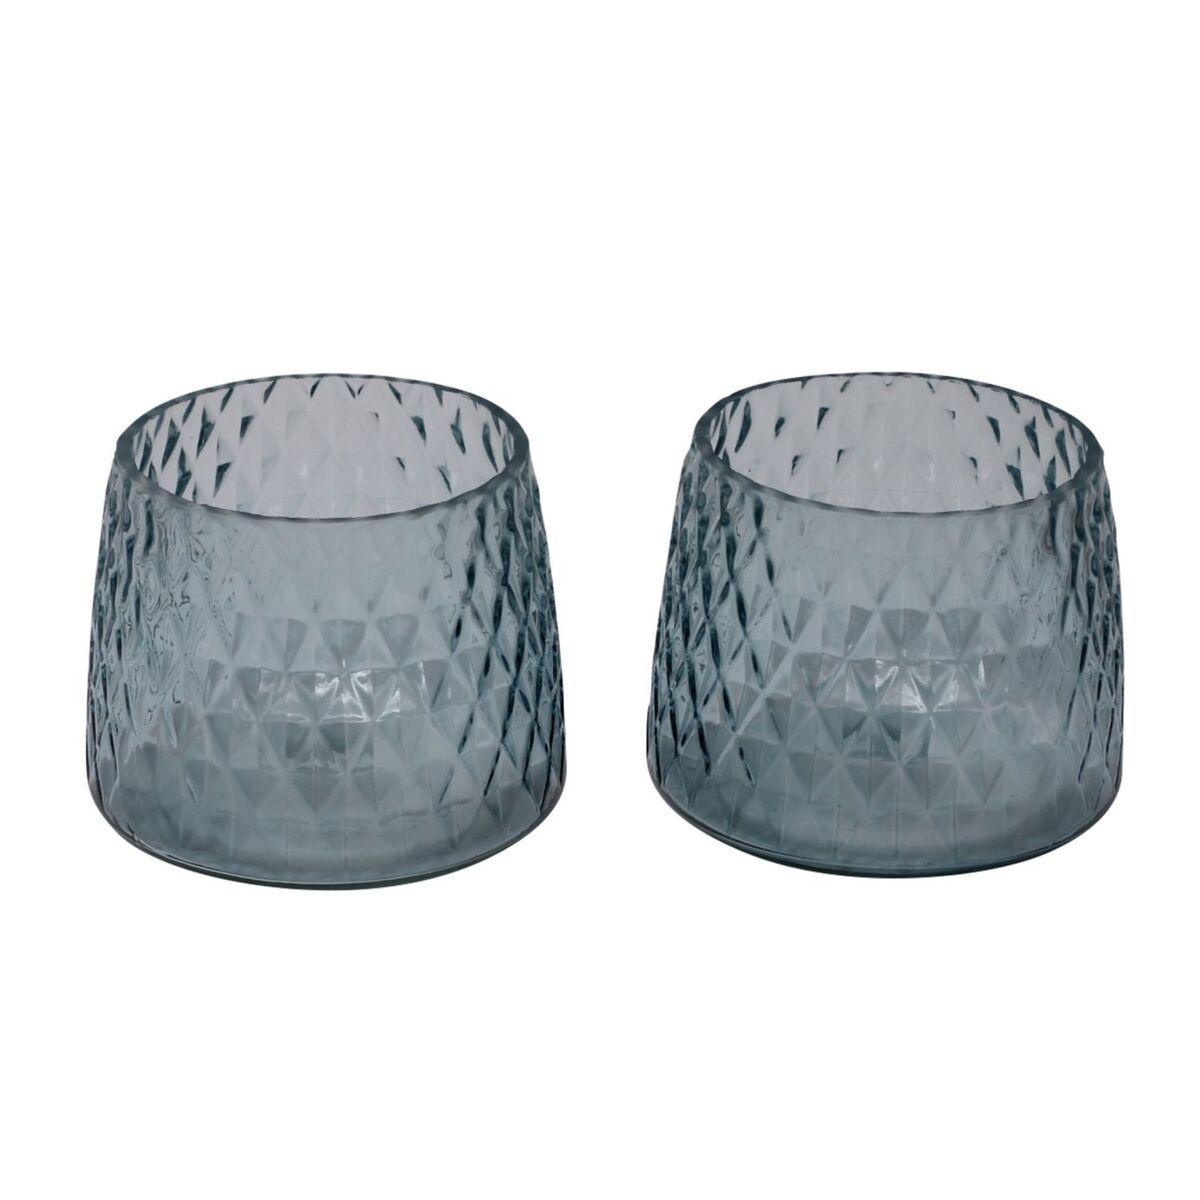 Bild 1 von CASA Deco Maritime Vasen/Windlichter